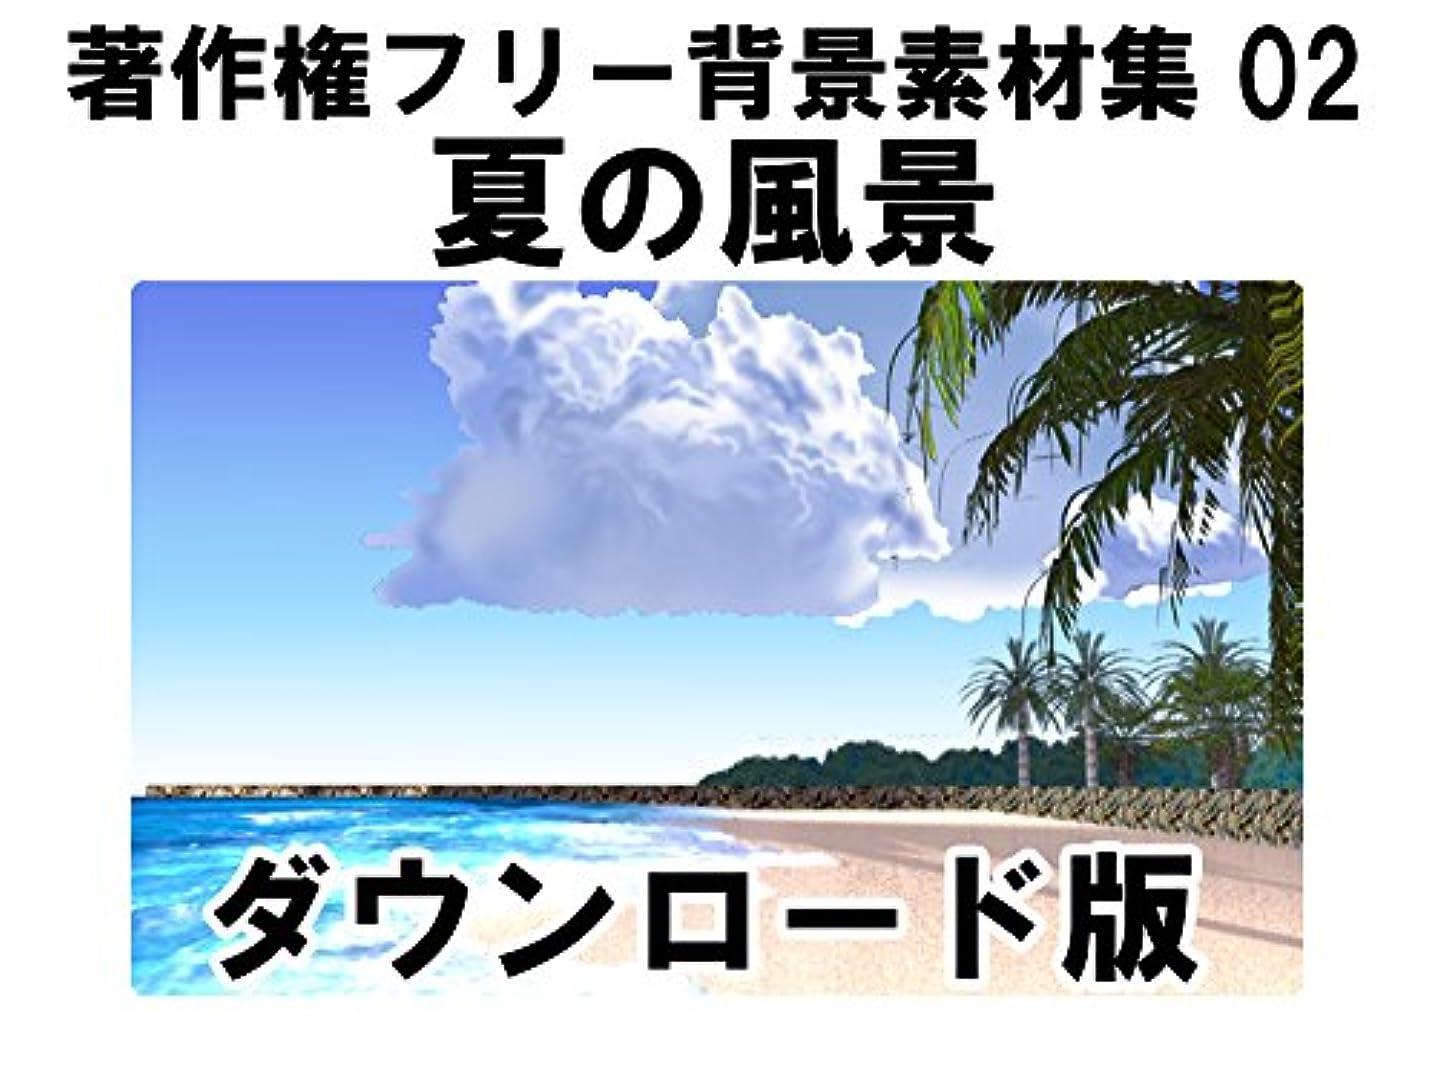 導出影響非常にウエストサイド 著作権フリー背景素材集02「夏の風景」|Win対応|ダウンロード版